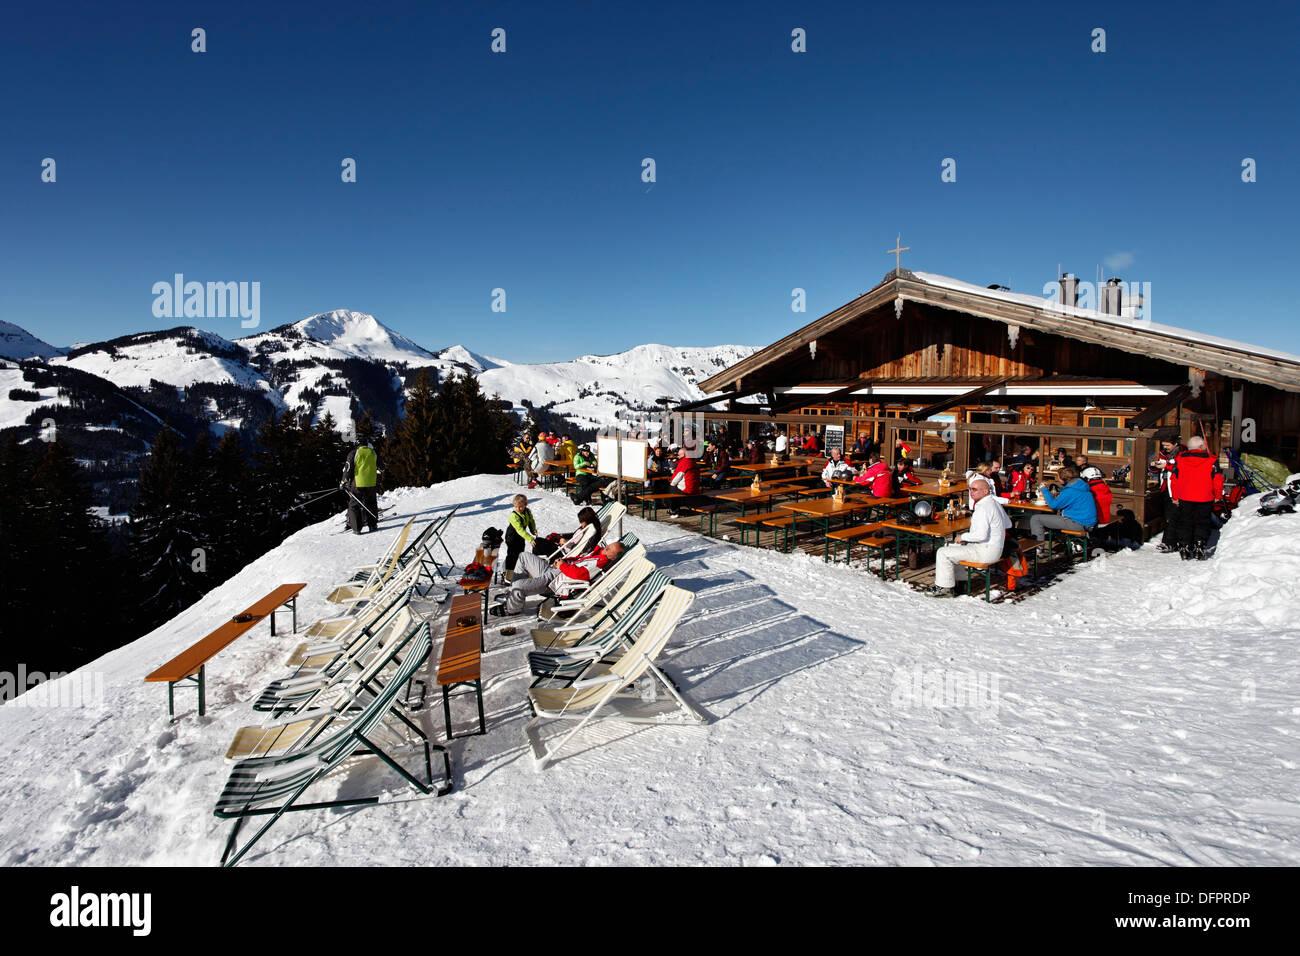 austria, tyrol, kitzbuhel, kirchberg, ski resort pengelstein stock